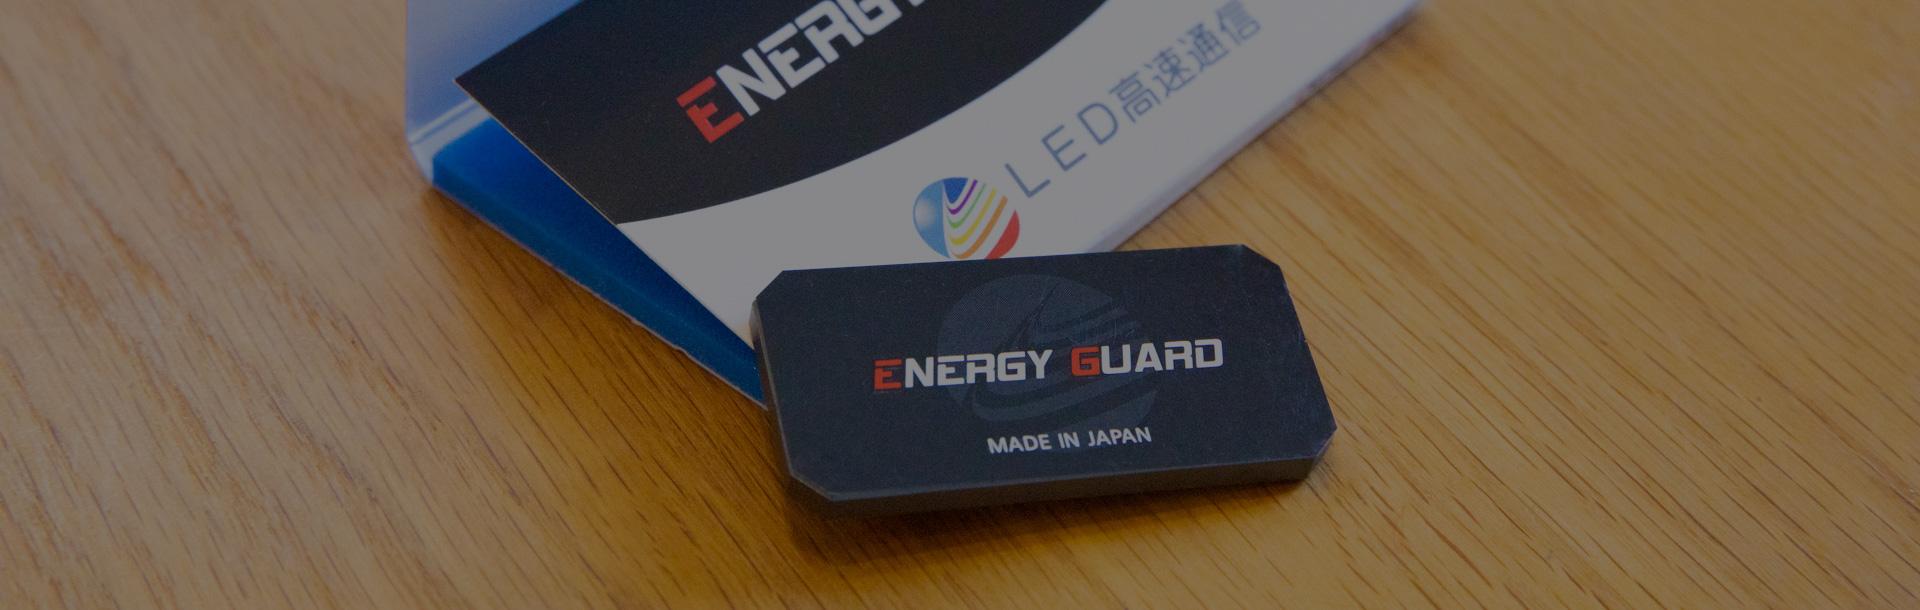 energyguard